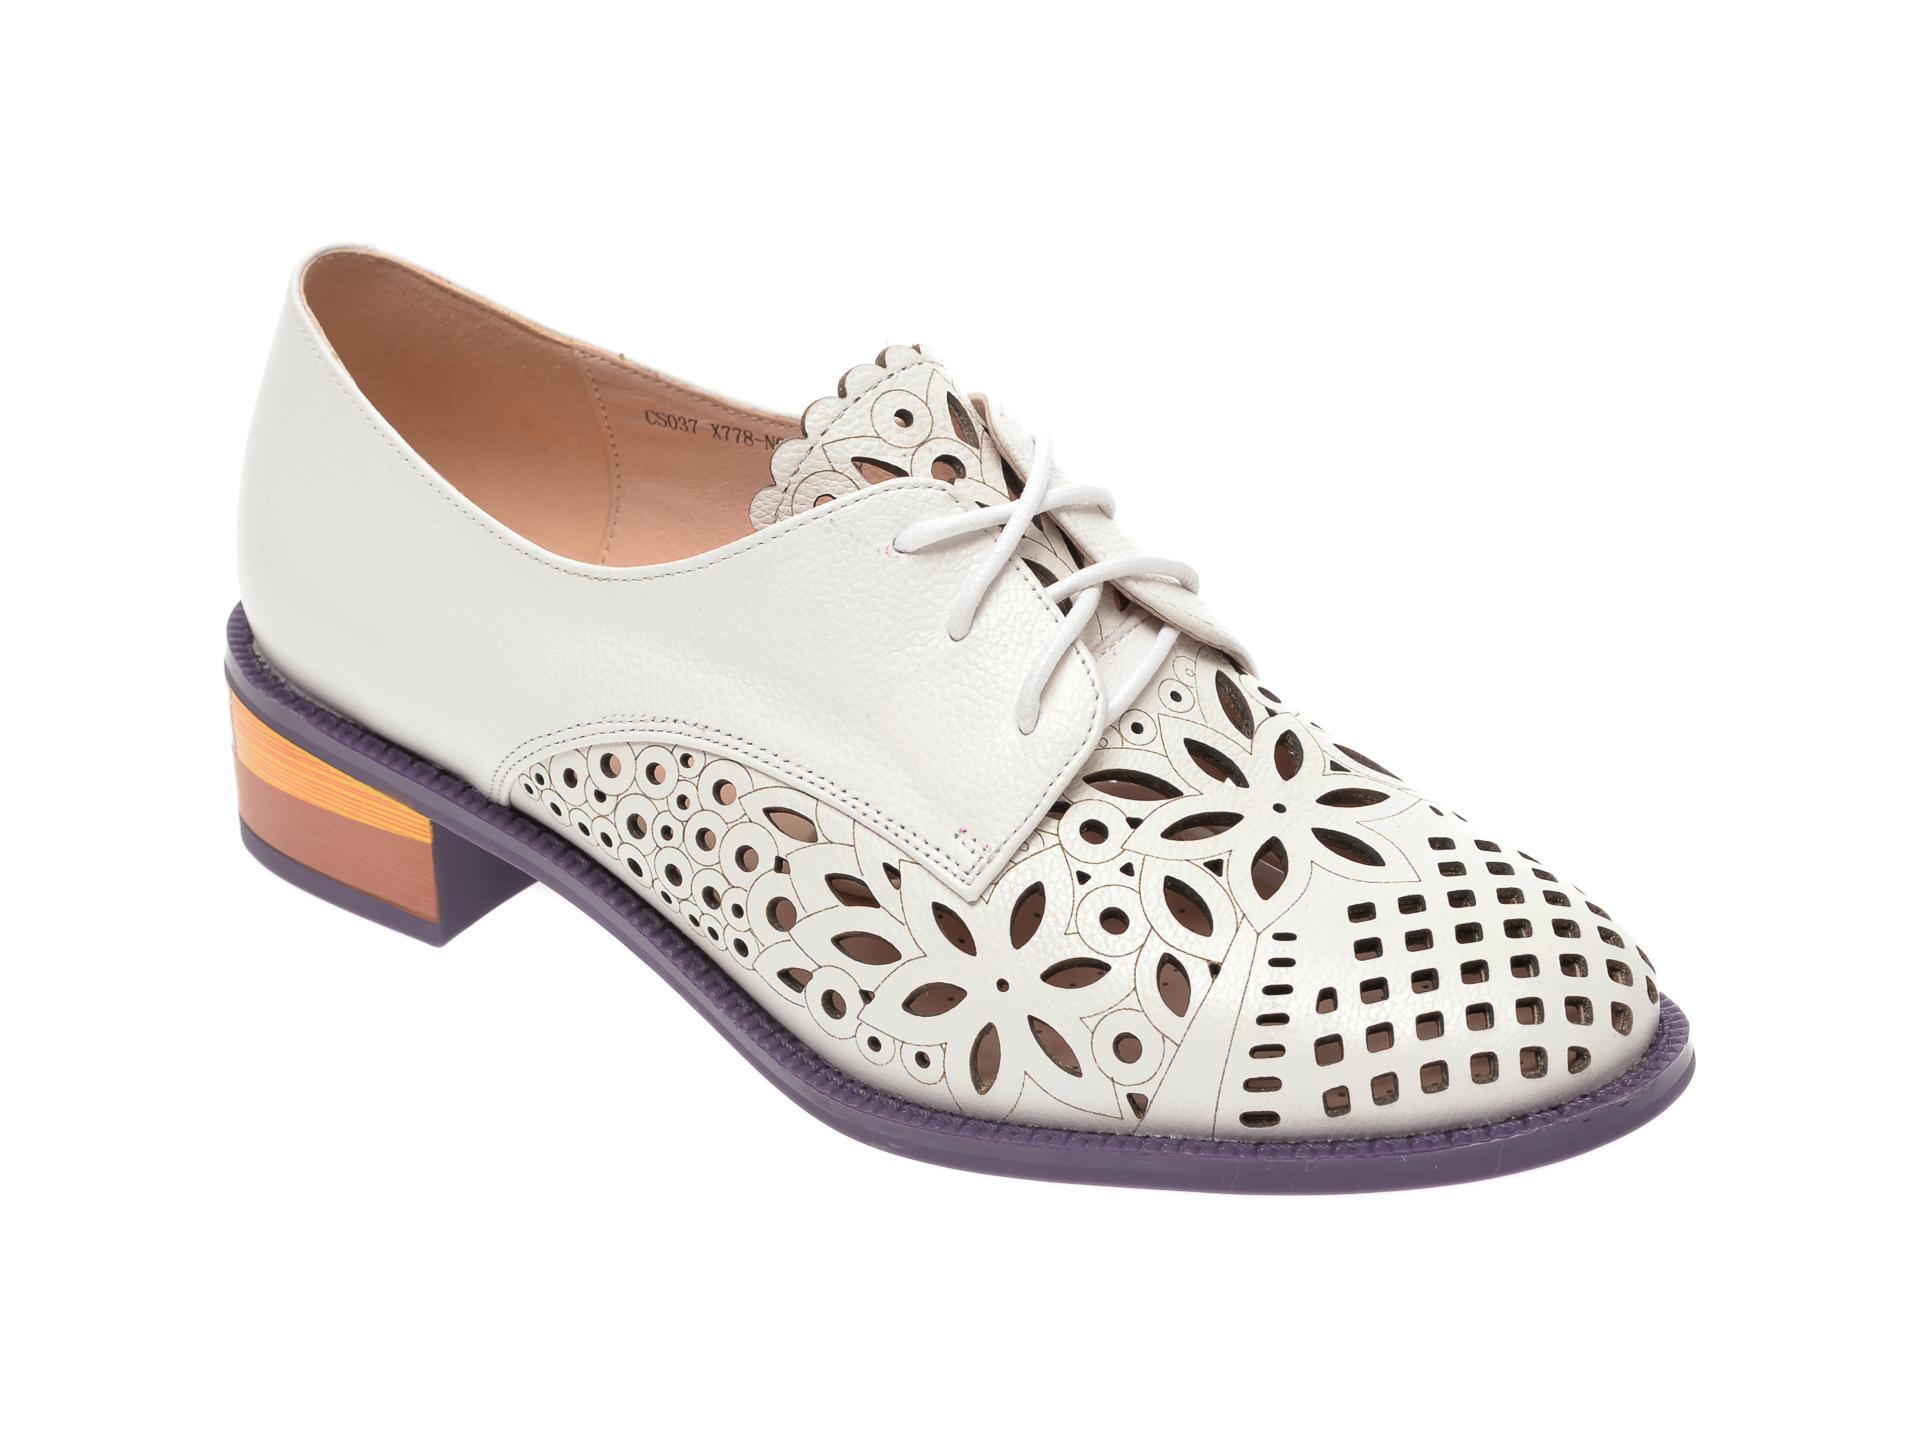 Pantofi IMAGE albi, CS037X7, din piele naturala